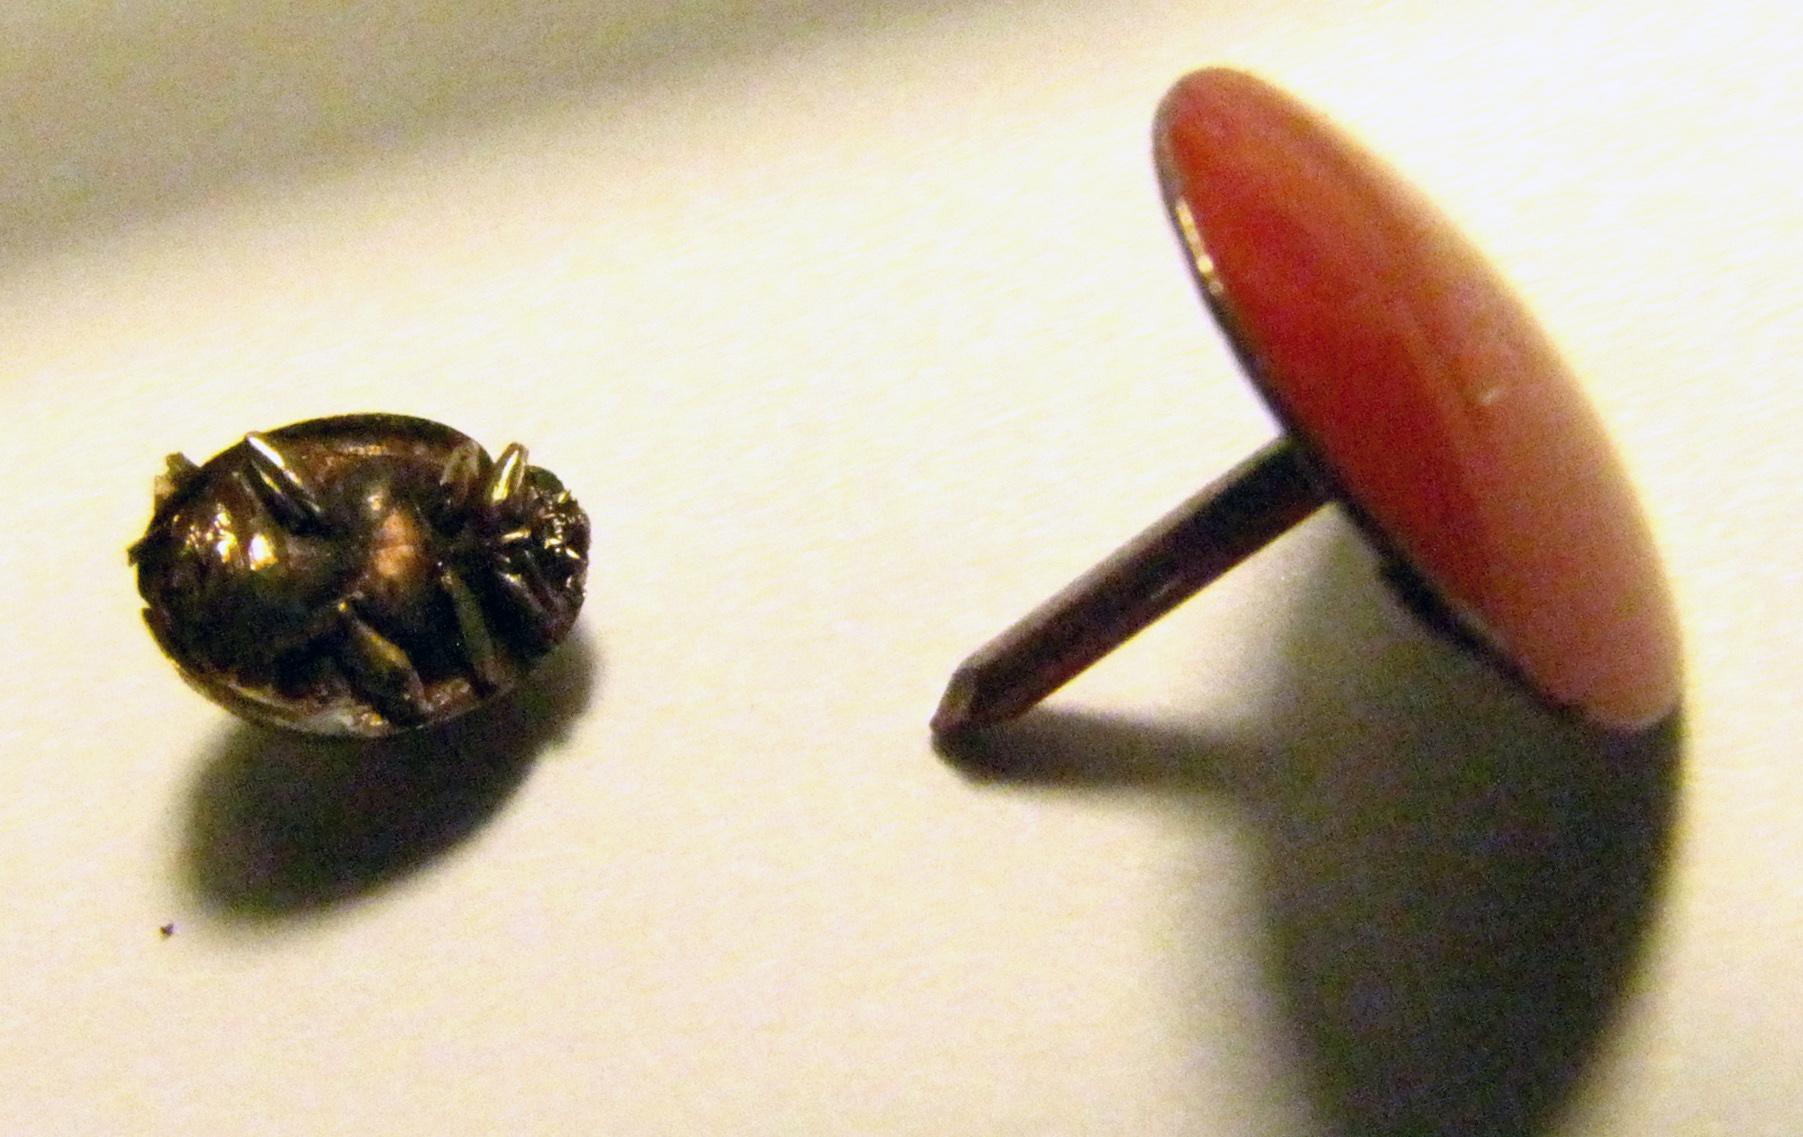 Animated Ladybug Super Zoom In Sustainable Nano